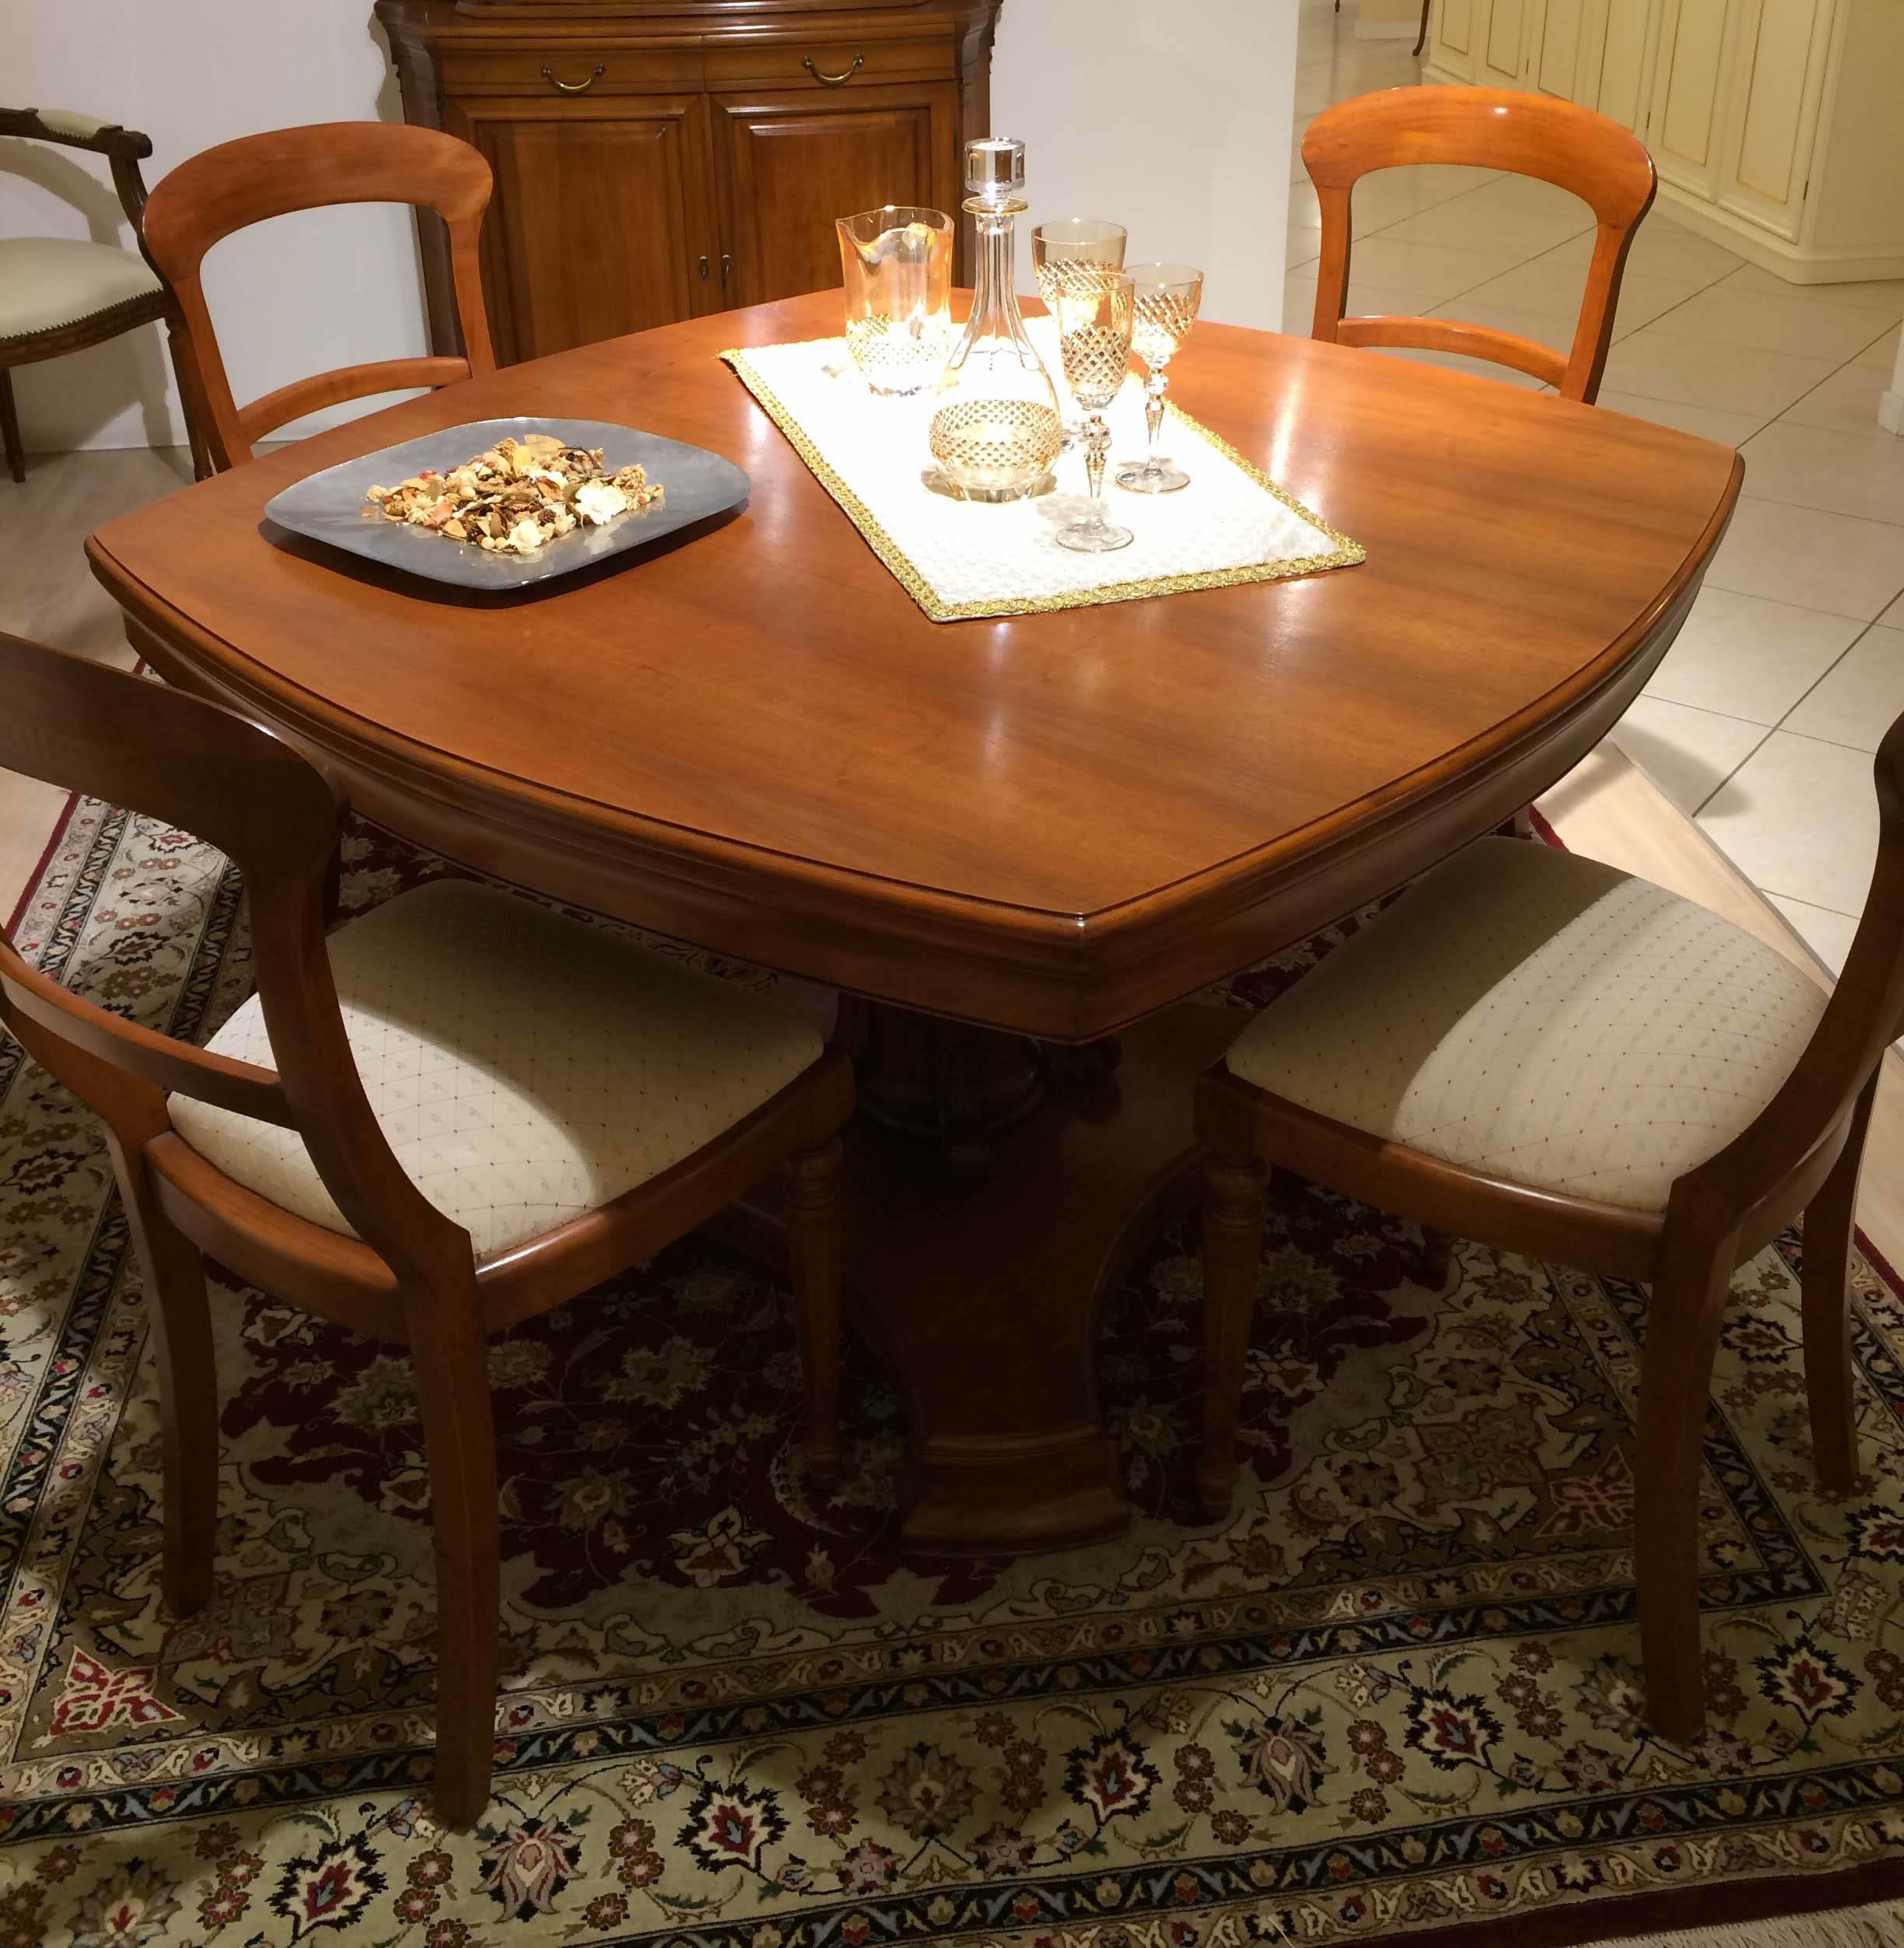 Tavolo quadrato arrotondato stile 800 in legno - Tavolo in noce massello ...